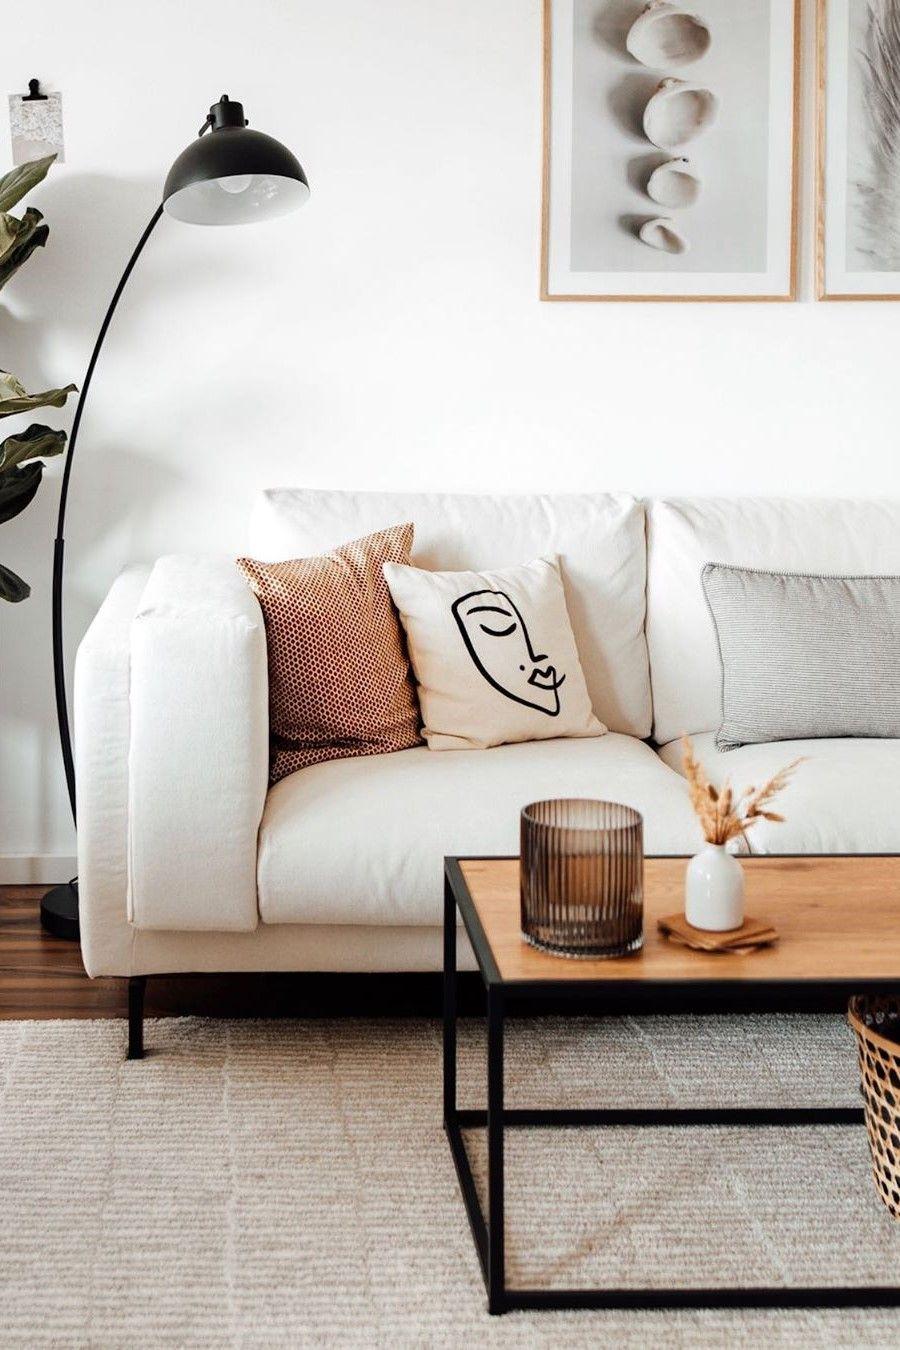 48 Living Room Home Decor To Inspire Everyone